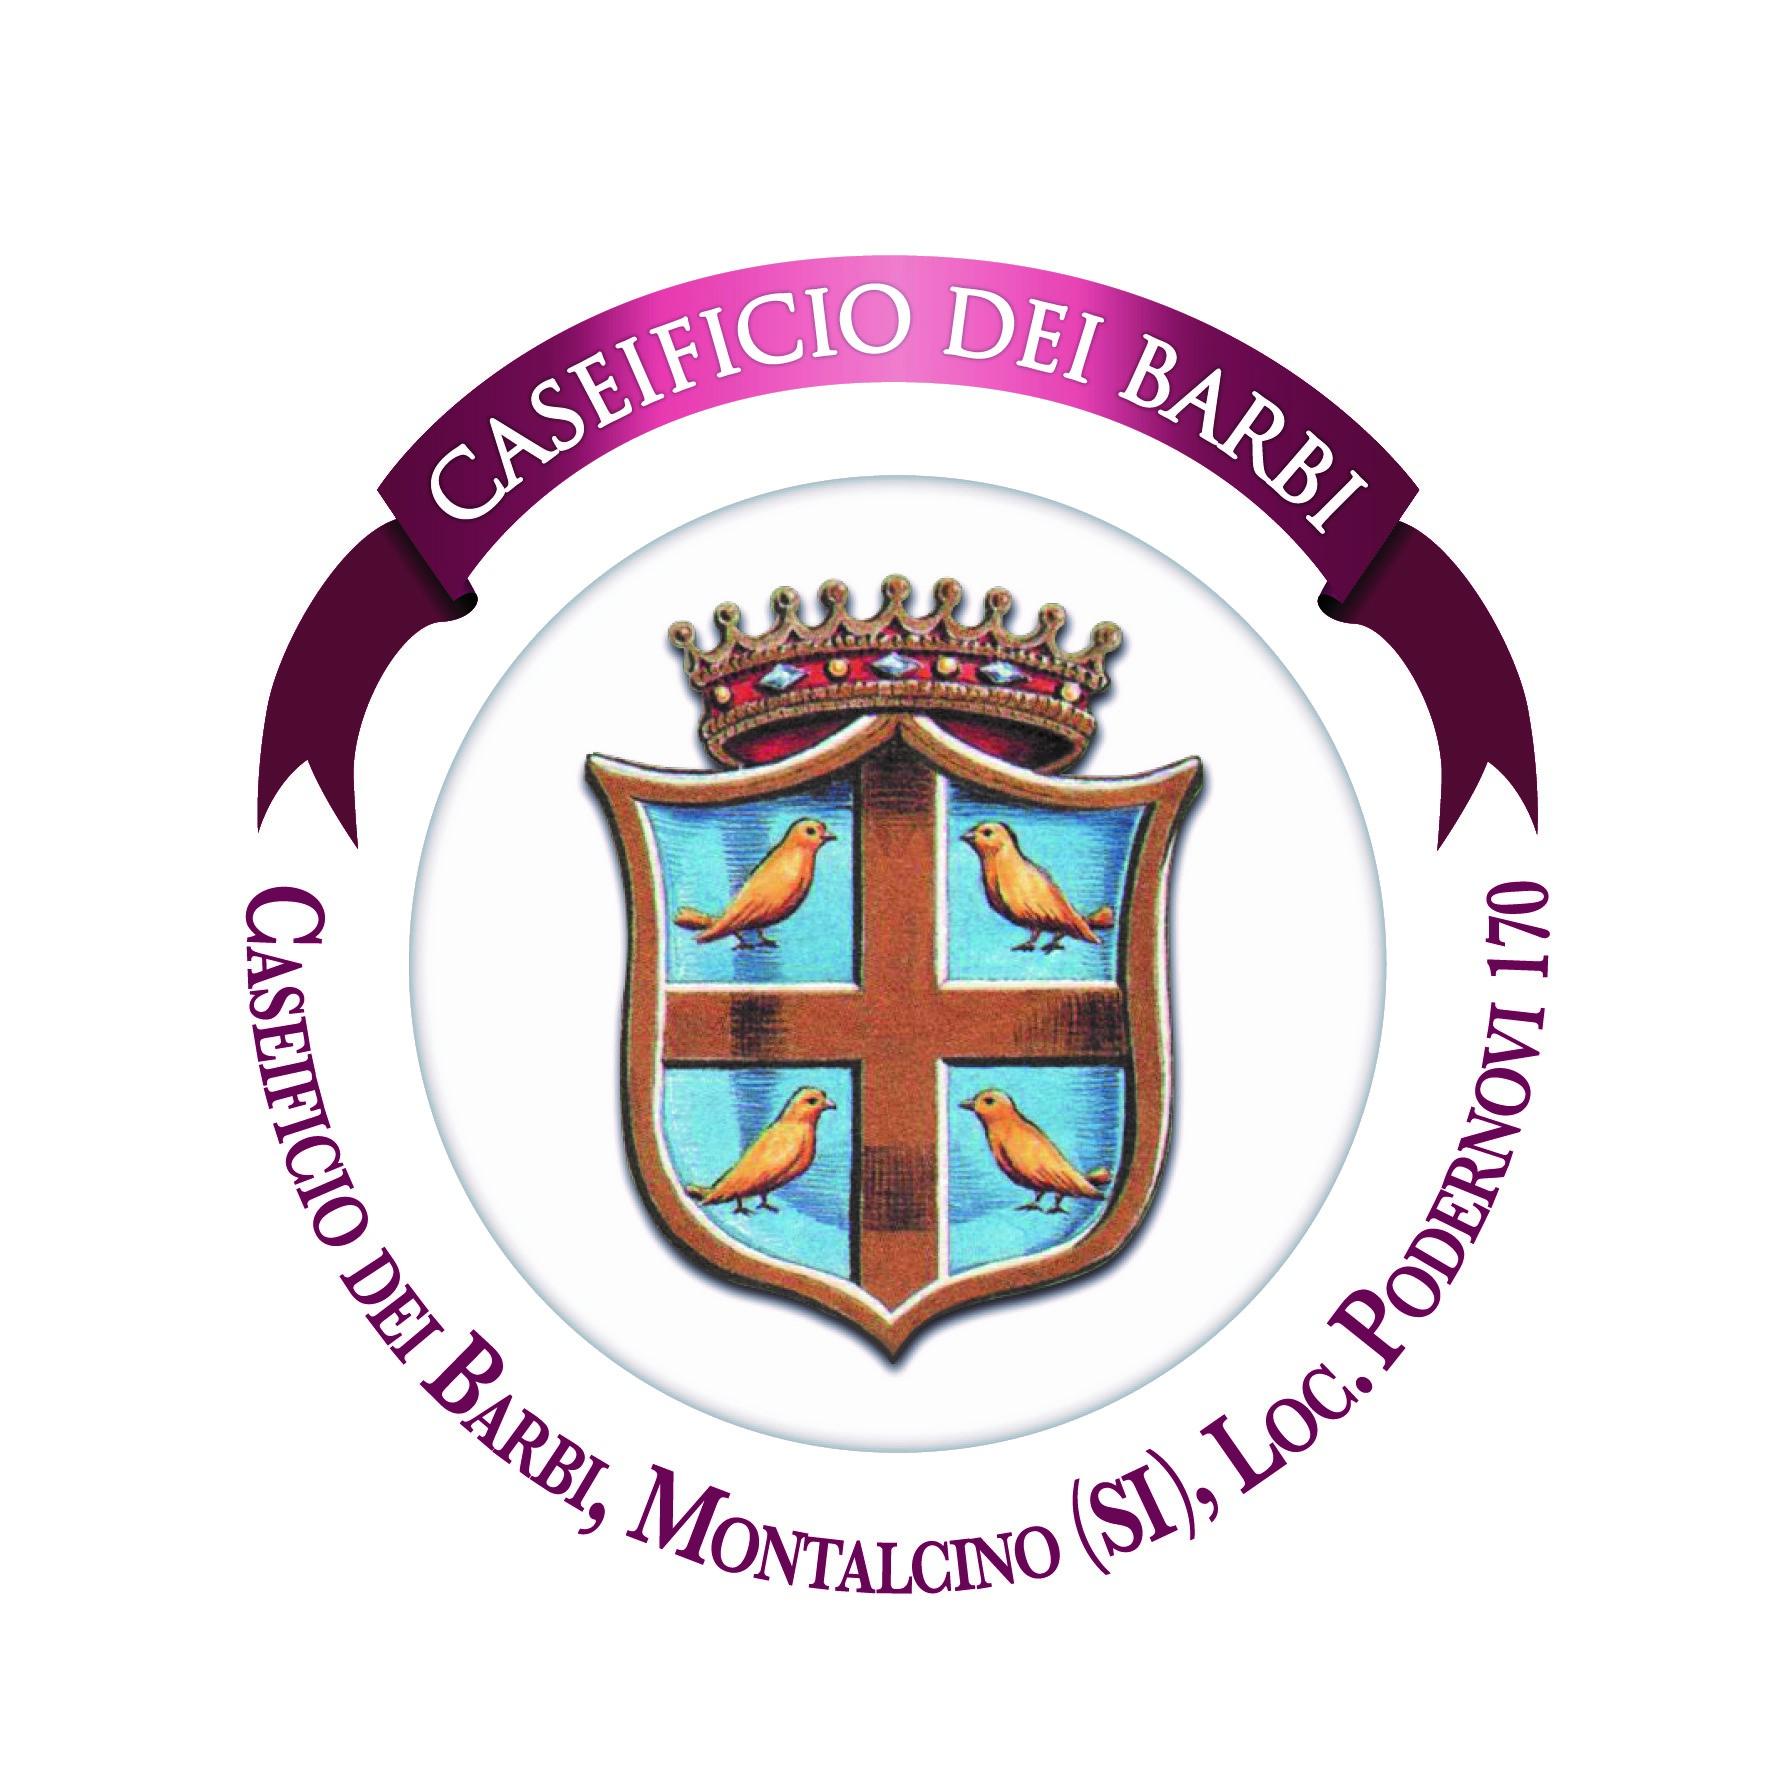 caseificio-dei-barbi-montalcino-i-freschi-ingrosso-bologna-esclusiva